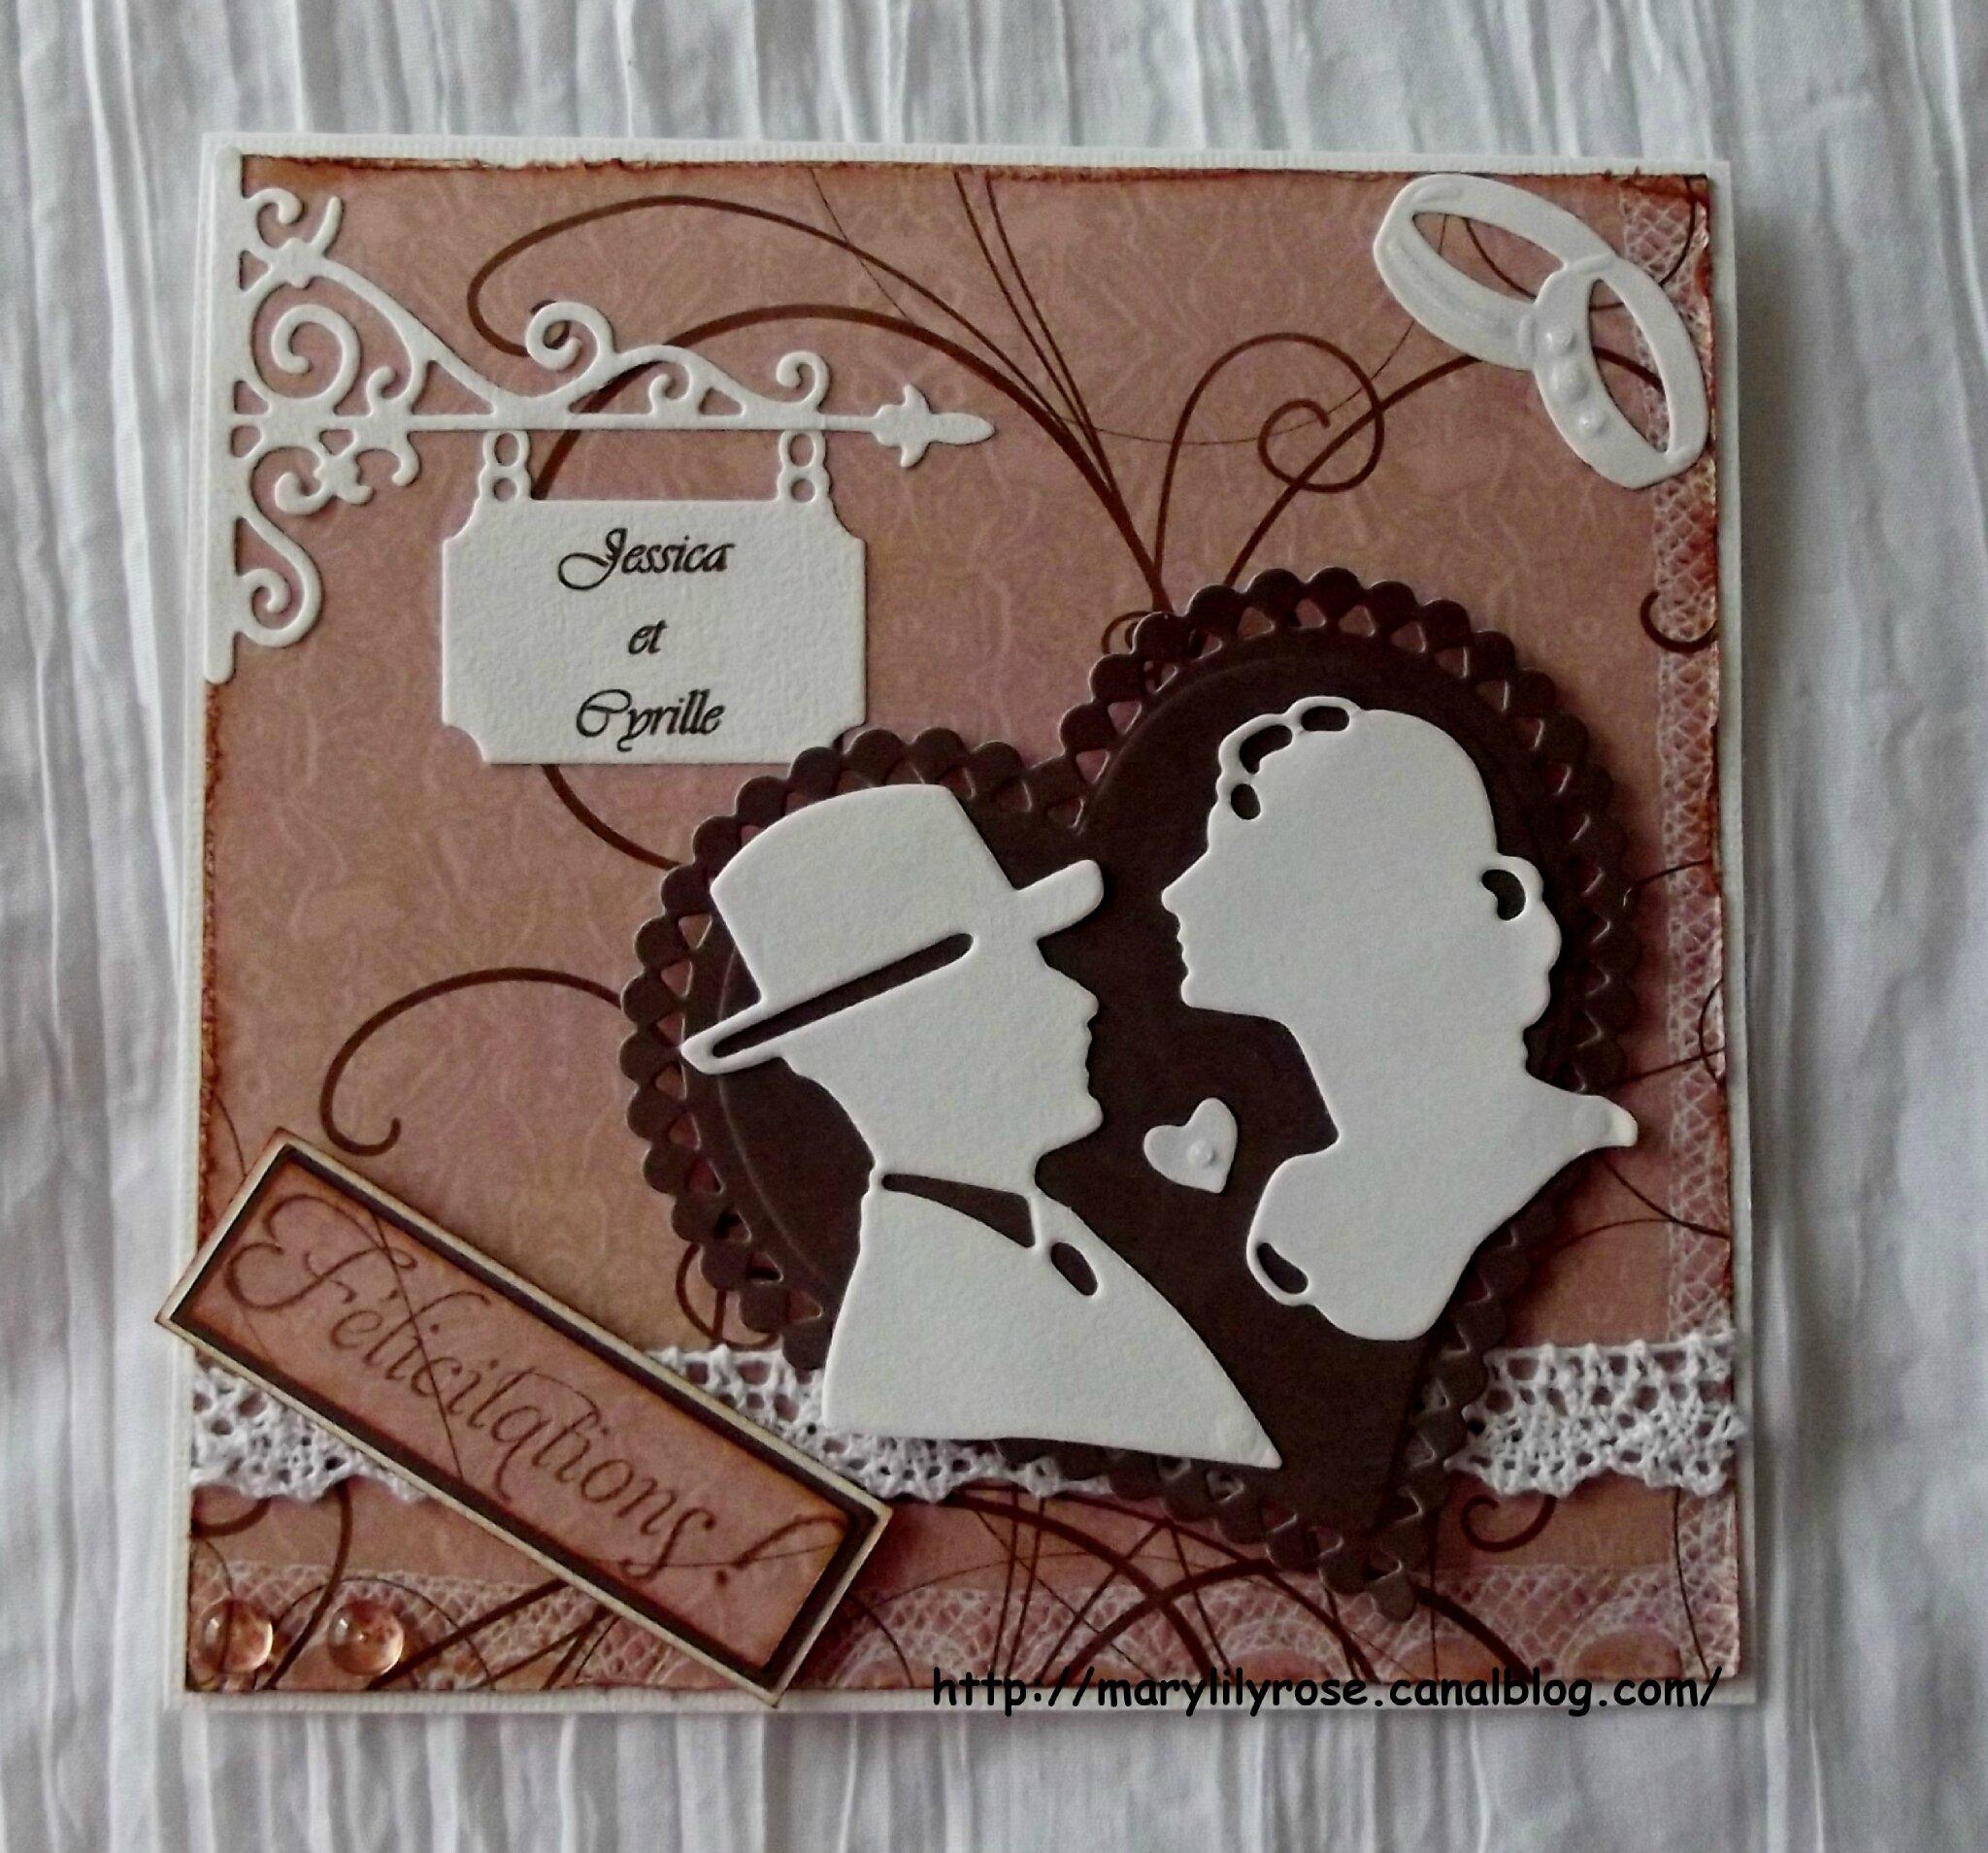 F licitation pour votre mariage marylilyrose scrap tout - Mot de felicitation mariage ...